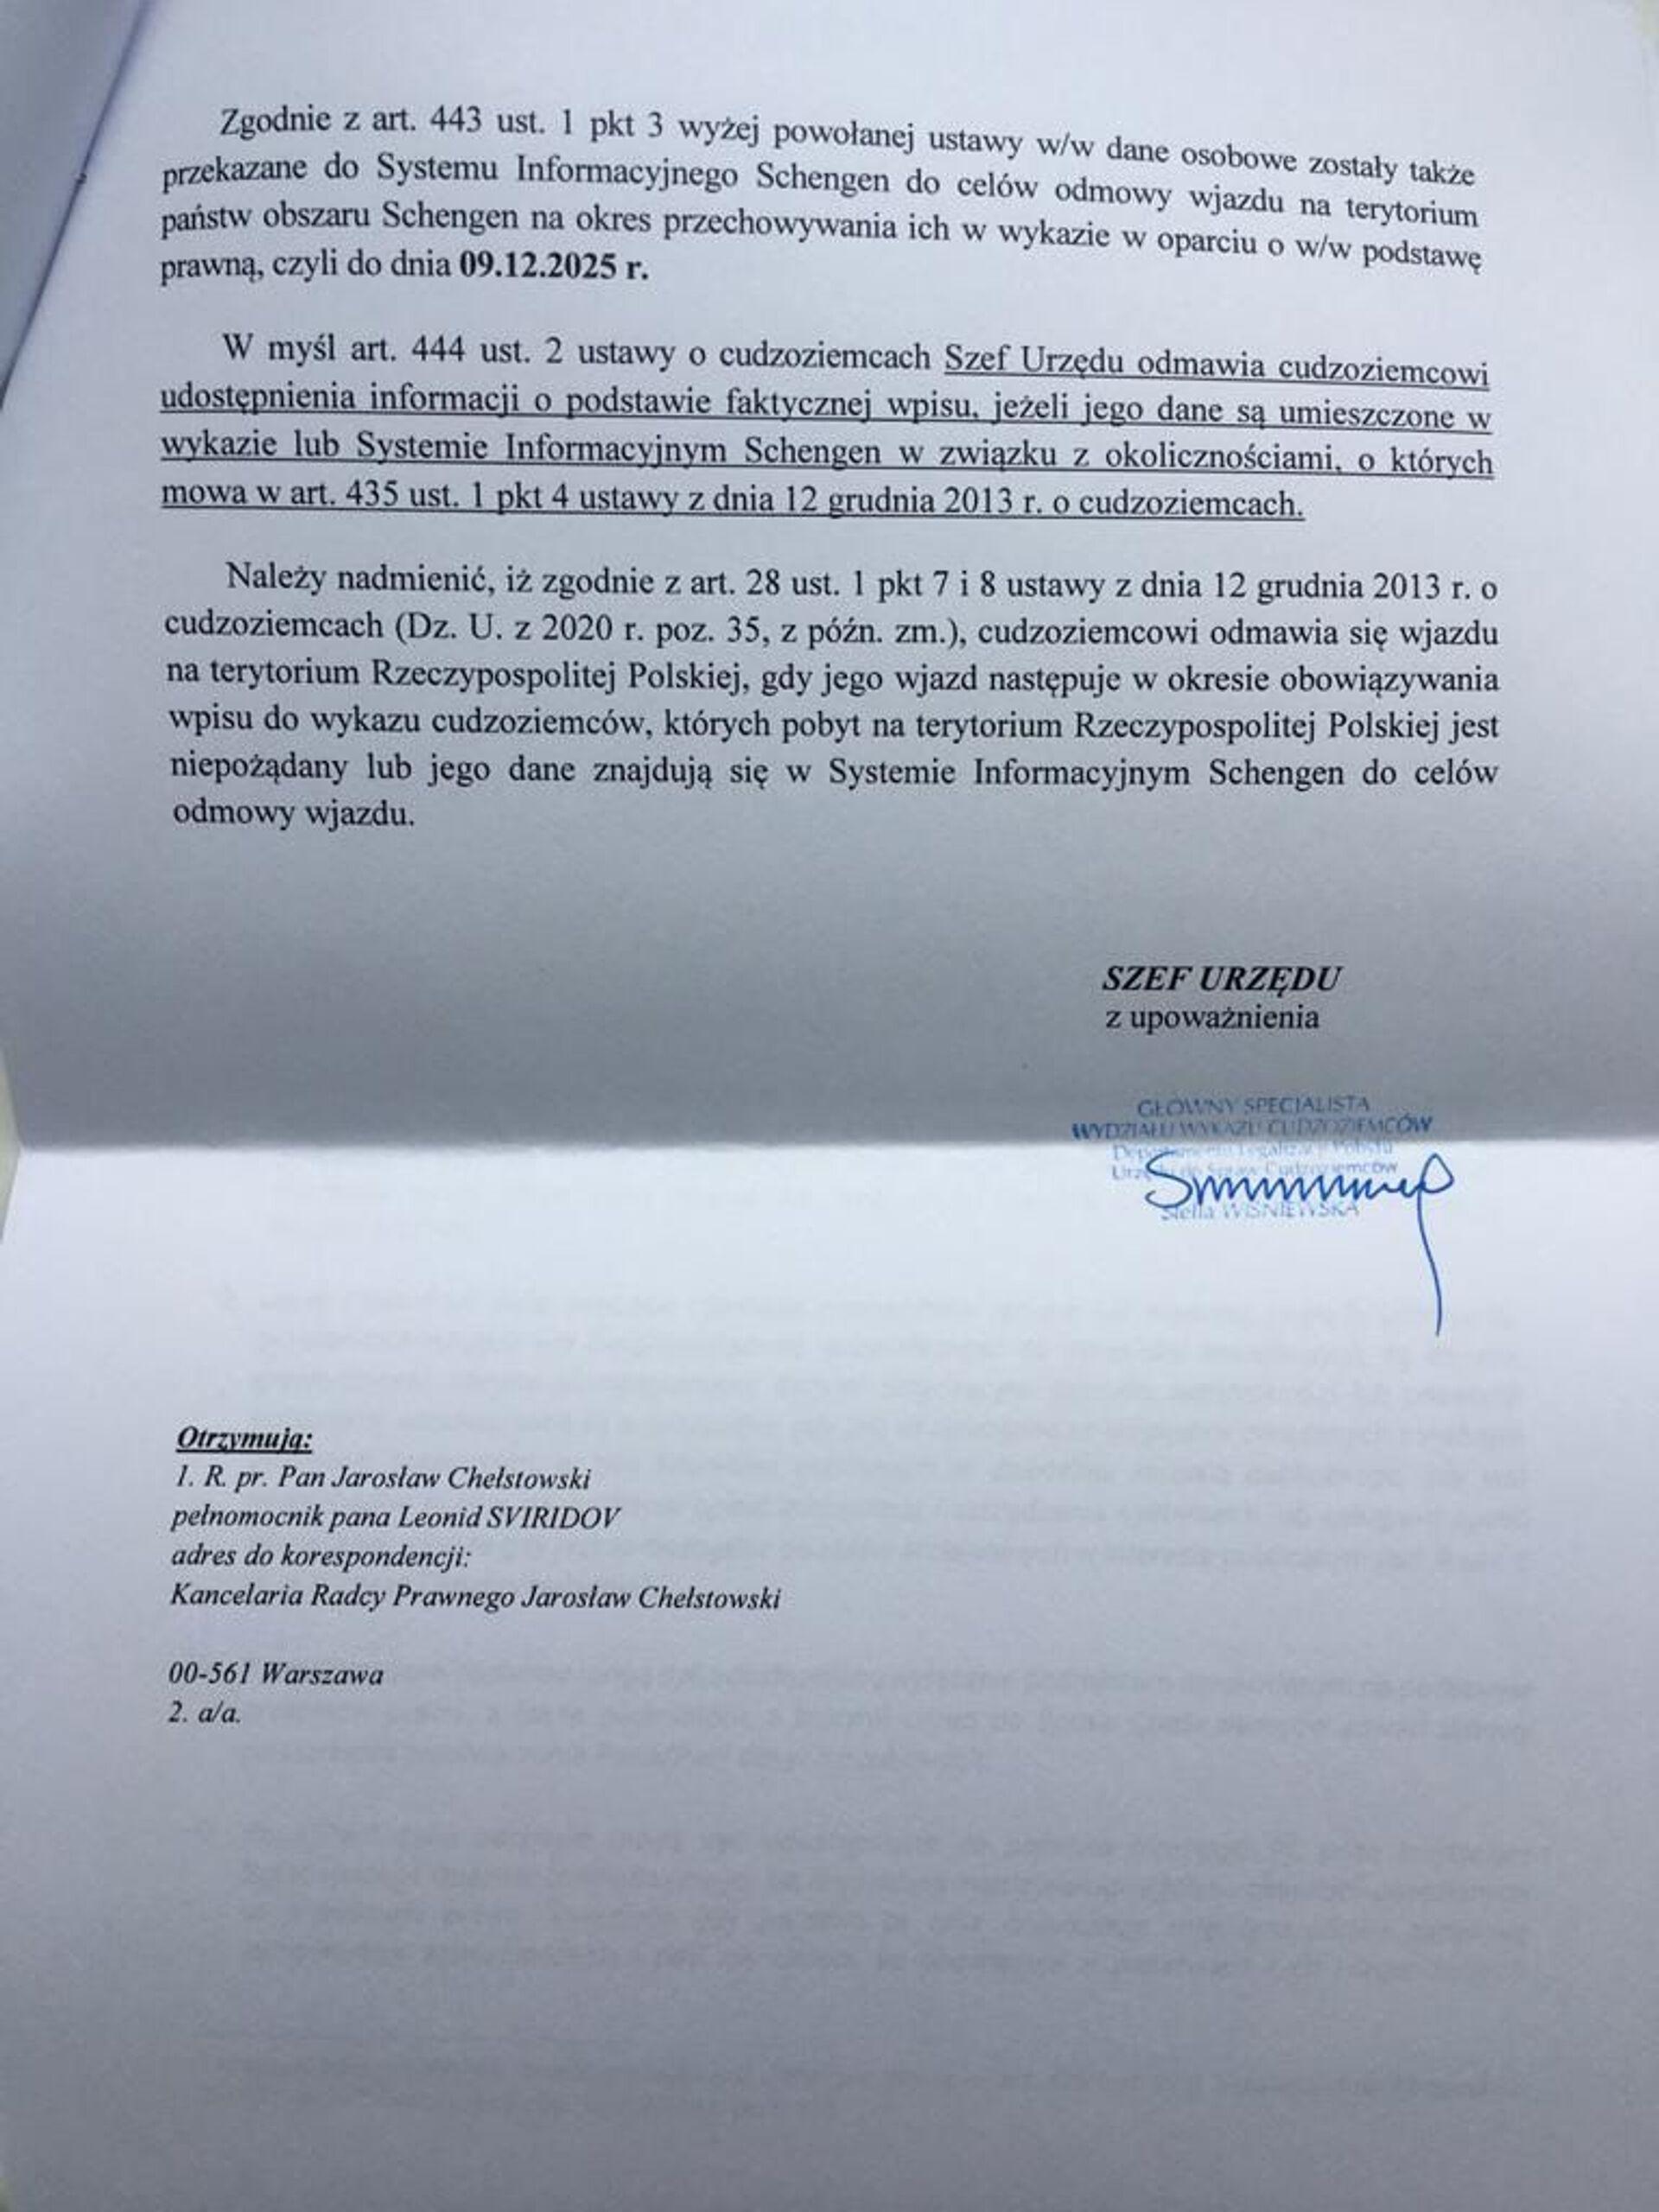 Polska ponownie uznała dziennikarza Swiridowa za zagrożenie dla bezpieczeństwa narodowego na 5 lat - Sputnik Polska, 1920, 15.03.2021